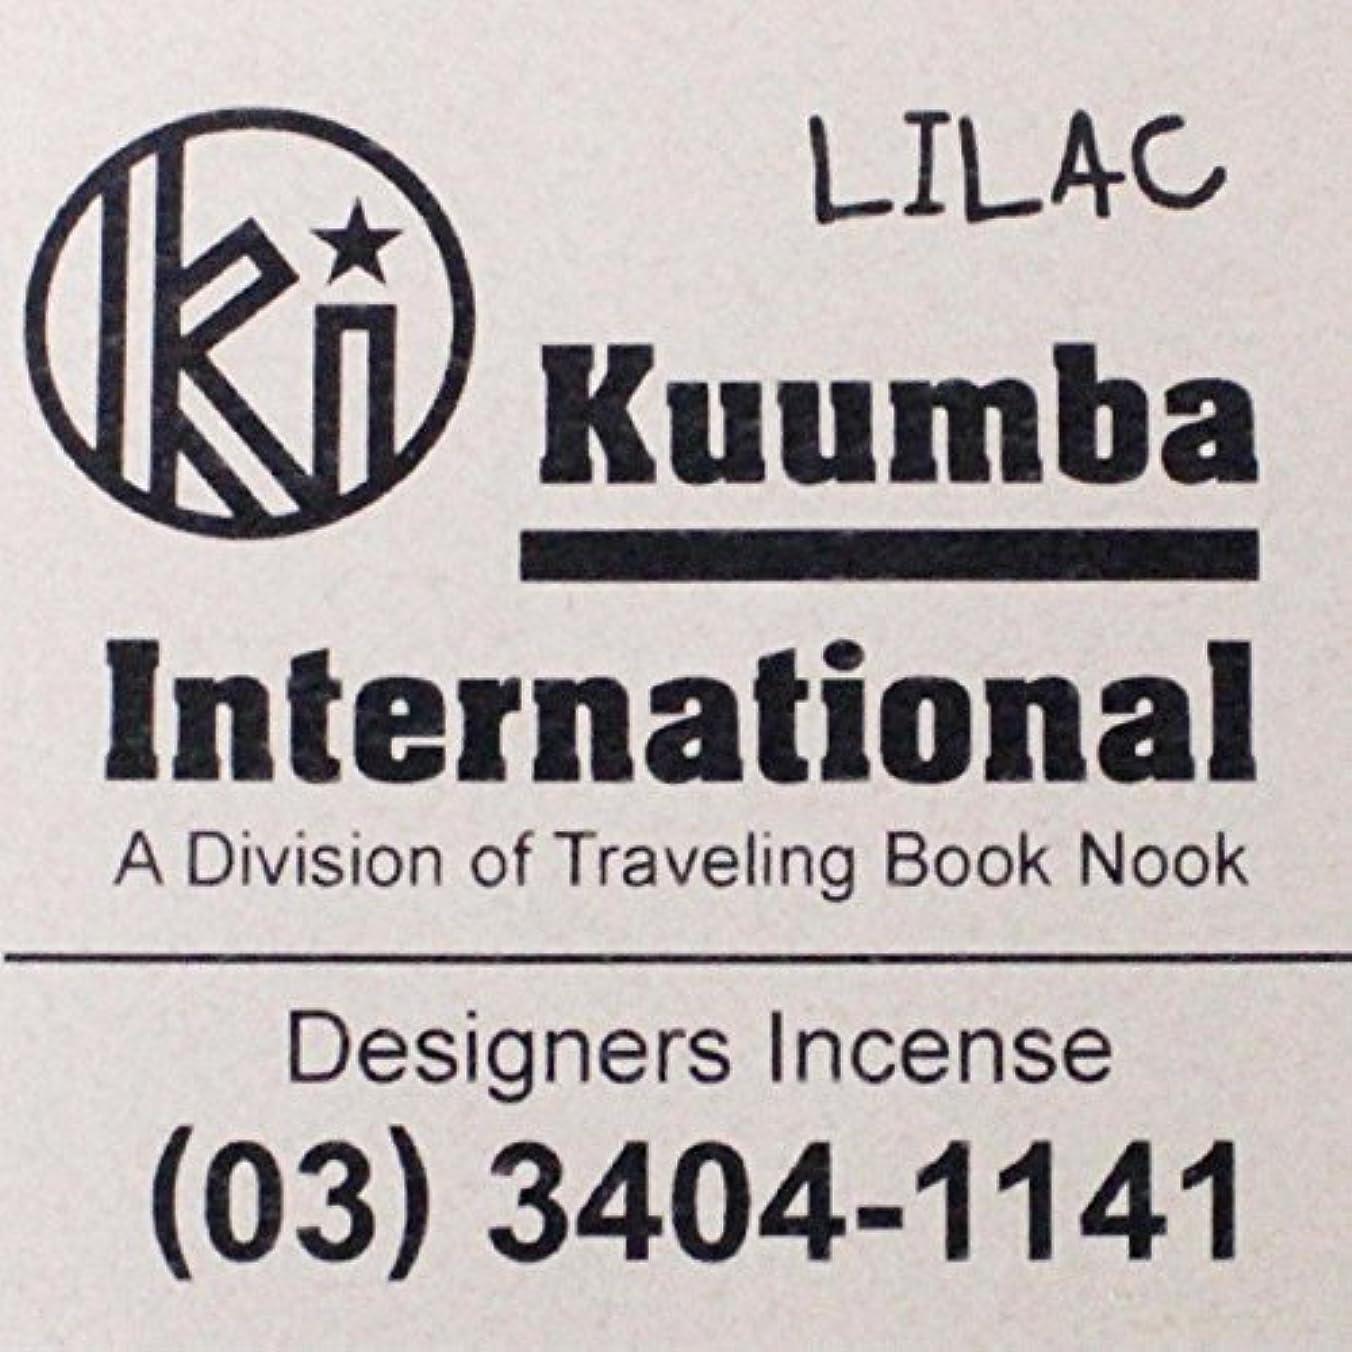 打撃インセンティブ寸前(クンバ) KUUMBA『incense』(LILAC) (Regular size)